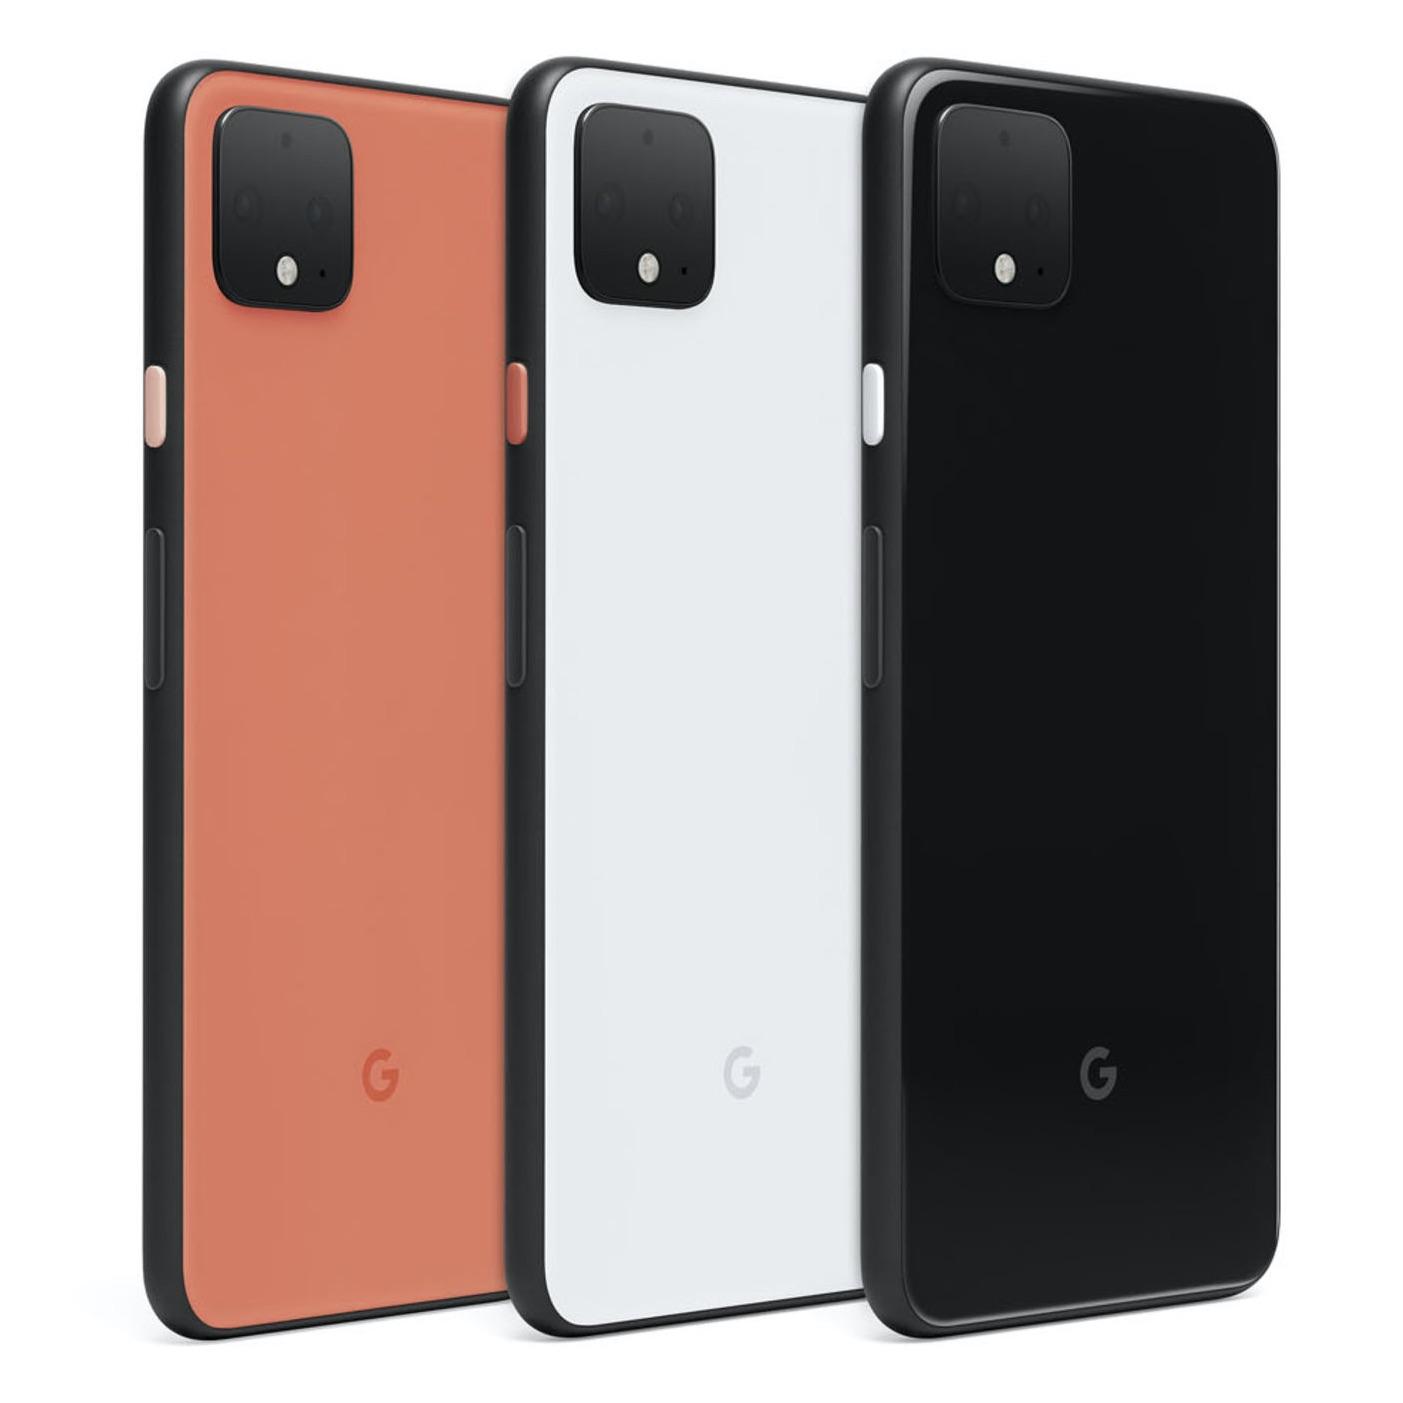 Google Store omyłkowo wysłał klientowi 10 smartfonów